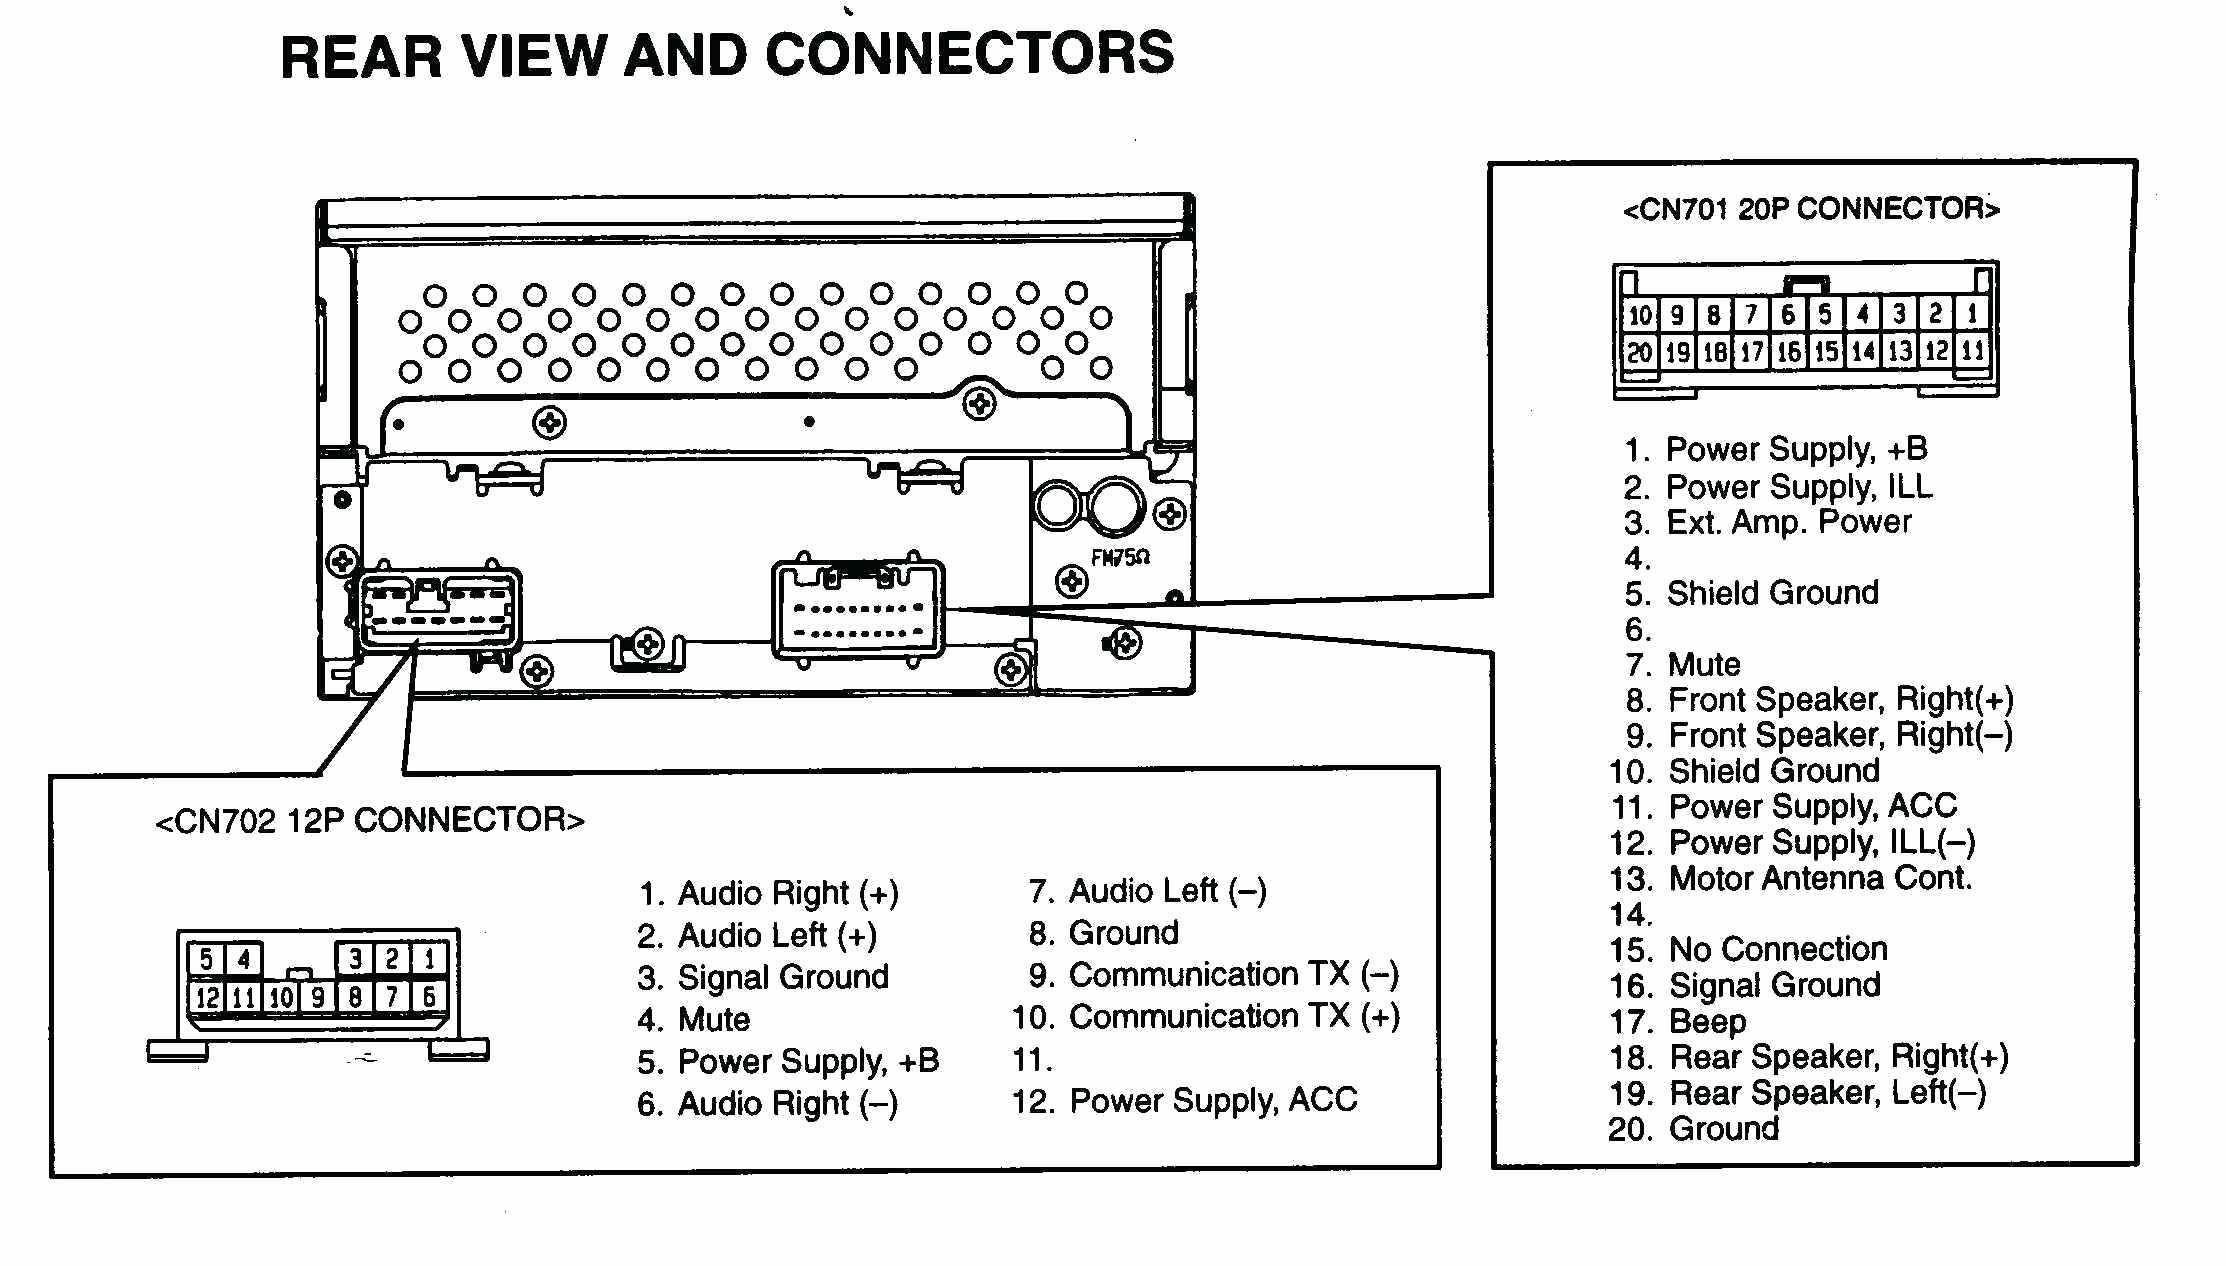 bose surround sound hookup diagram enthusiast wiring diagrams u2022 rh rasalibre co